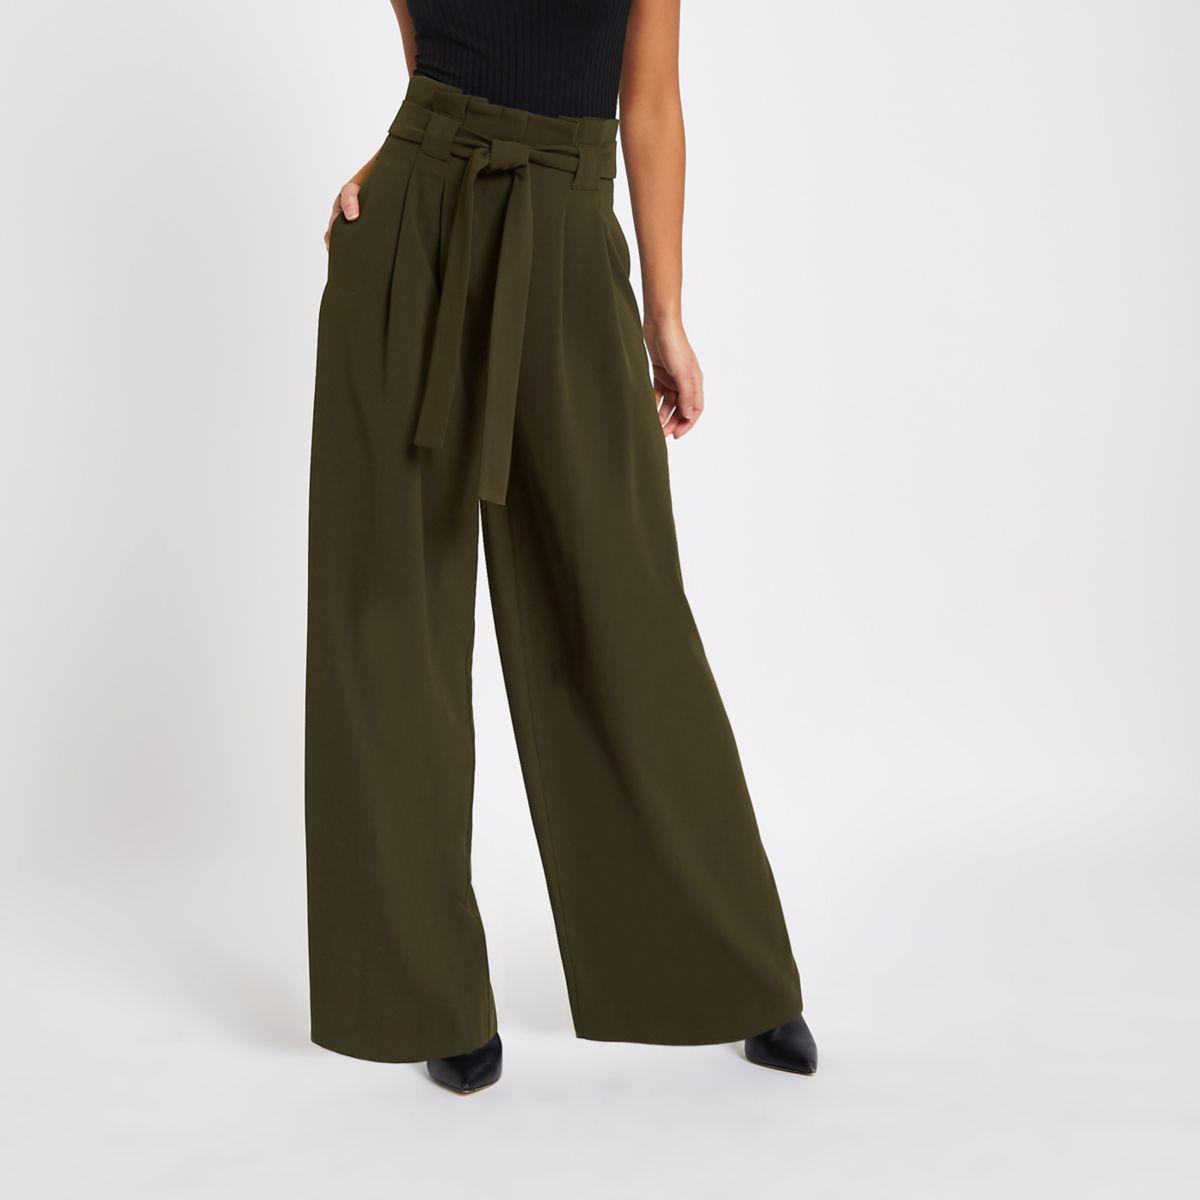 Khaki green wide leg pants